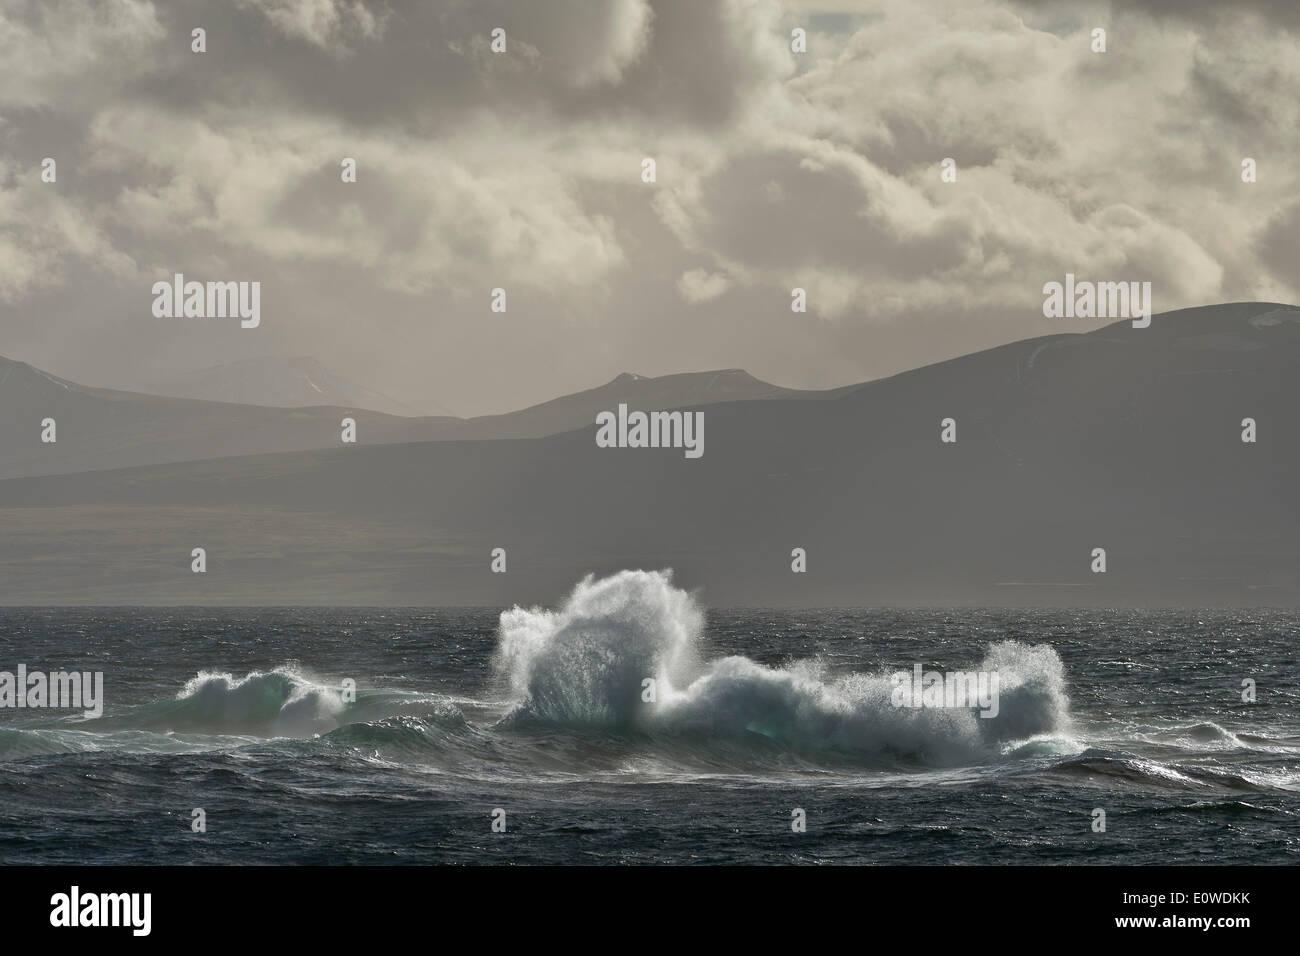 Vagues se brisant sur un récif, Isfjorden, Spitsbergen, Svalbard, îles Svalbard et Jan Mayen (Norvège) Banque D'Images